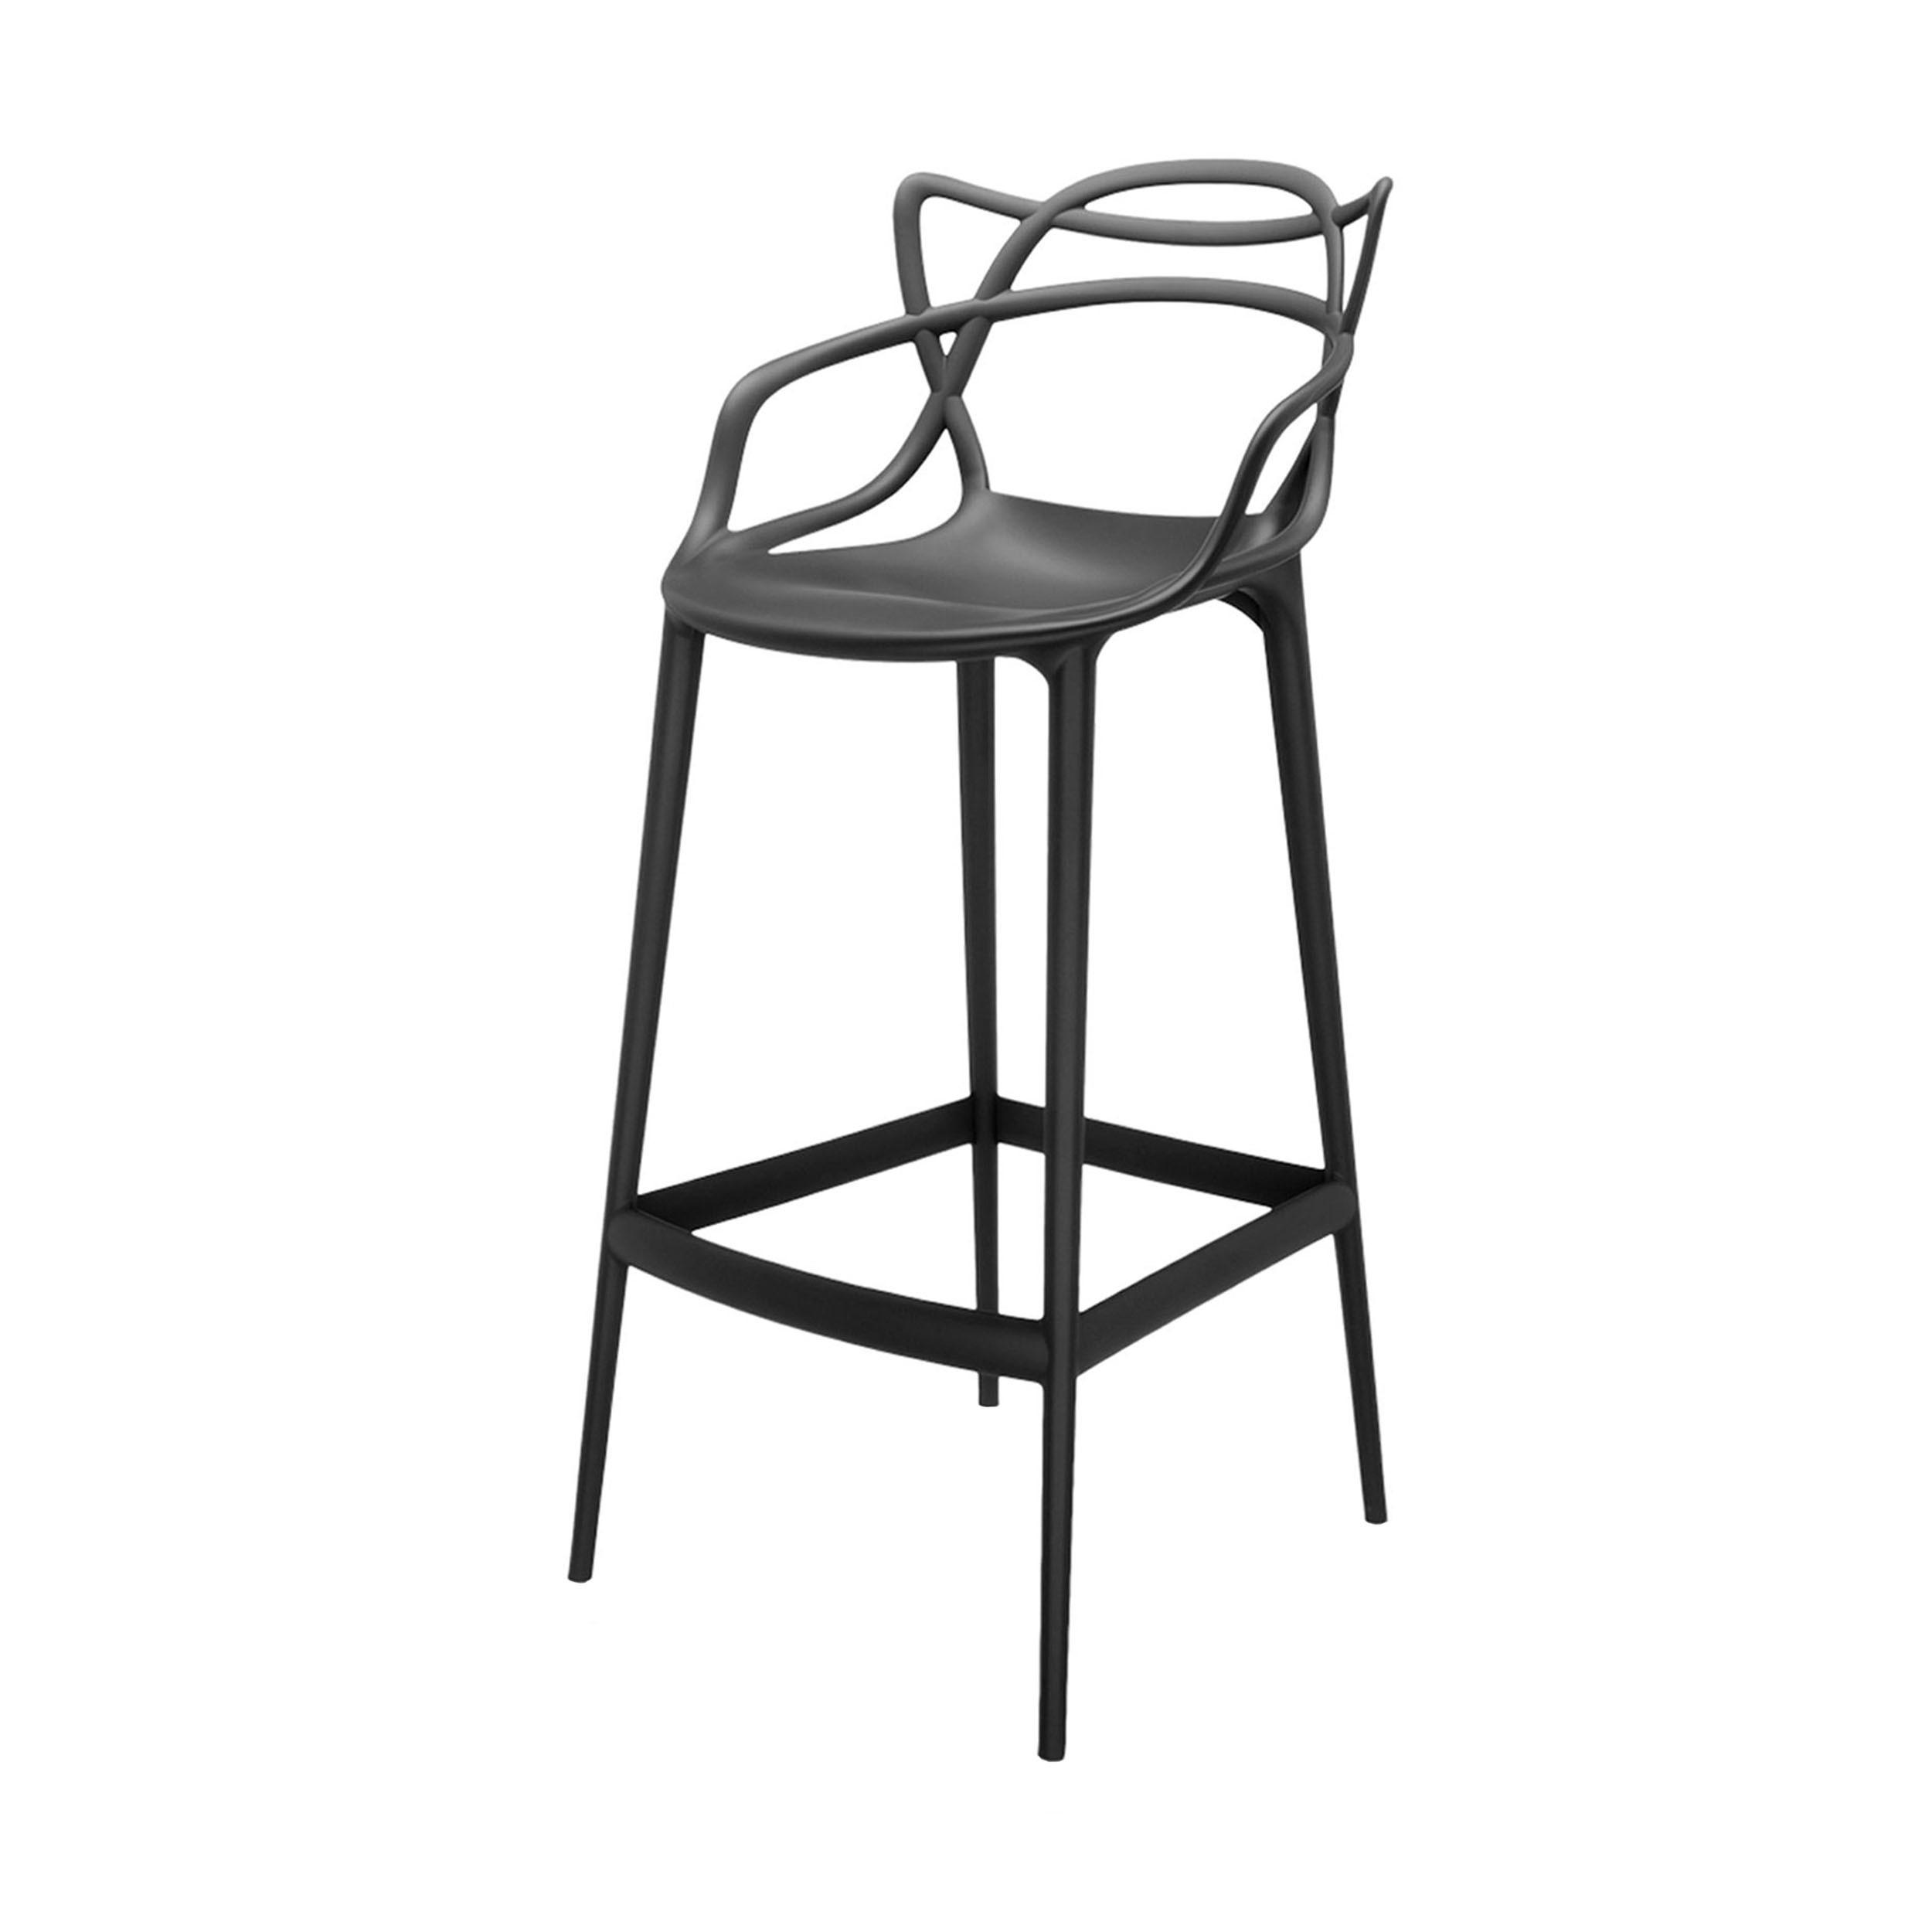 masters stool barhocker schwarz 109 online. Black Bedroom Furniture Sets. Home Design Ideas